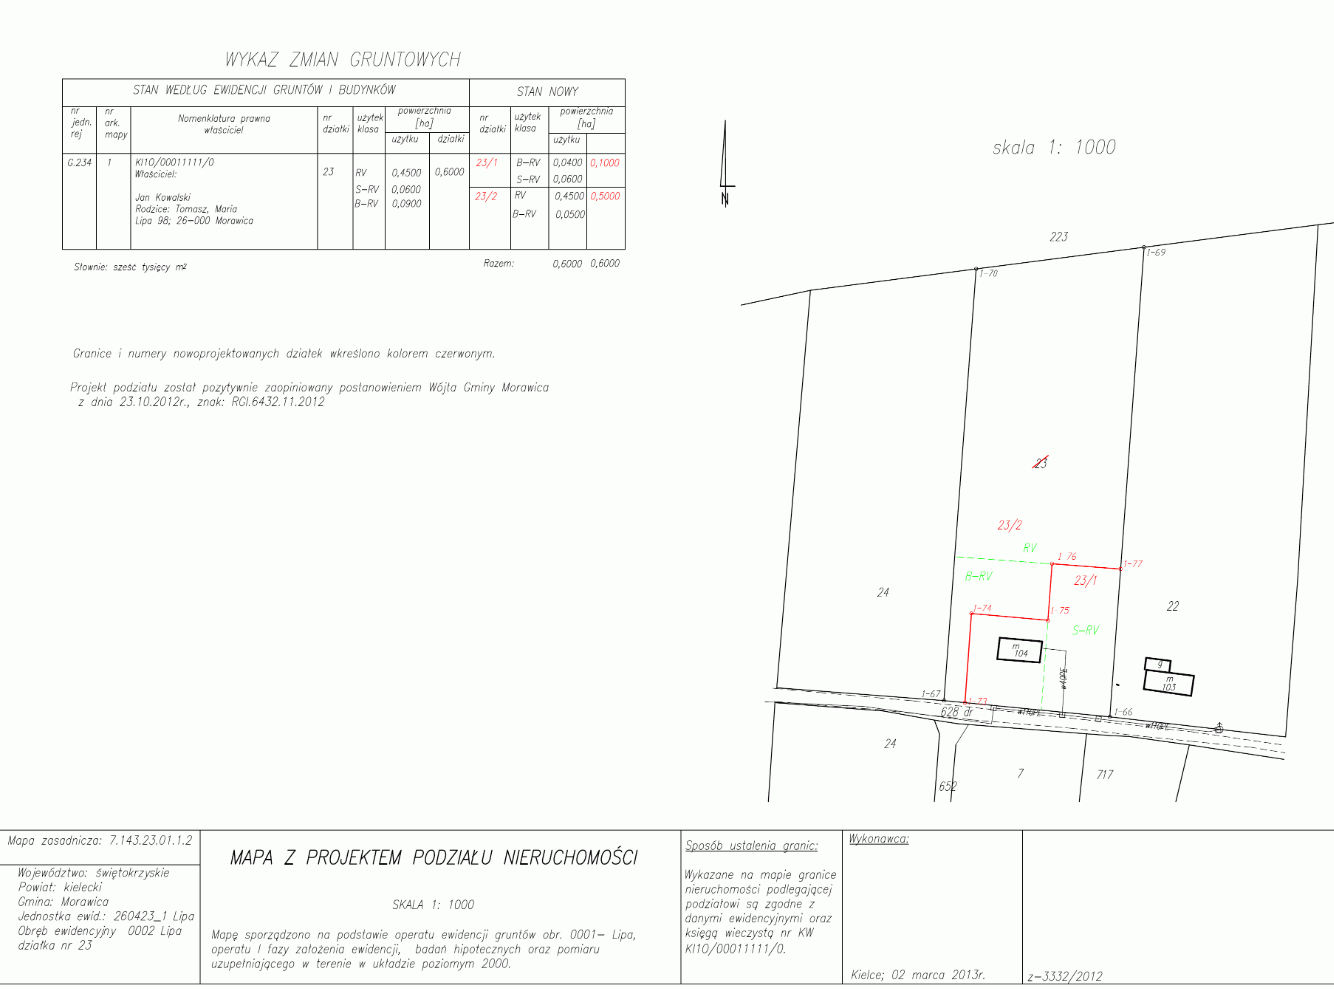 Mapa z projektem podziału nieruchomości